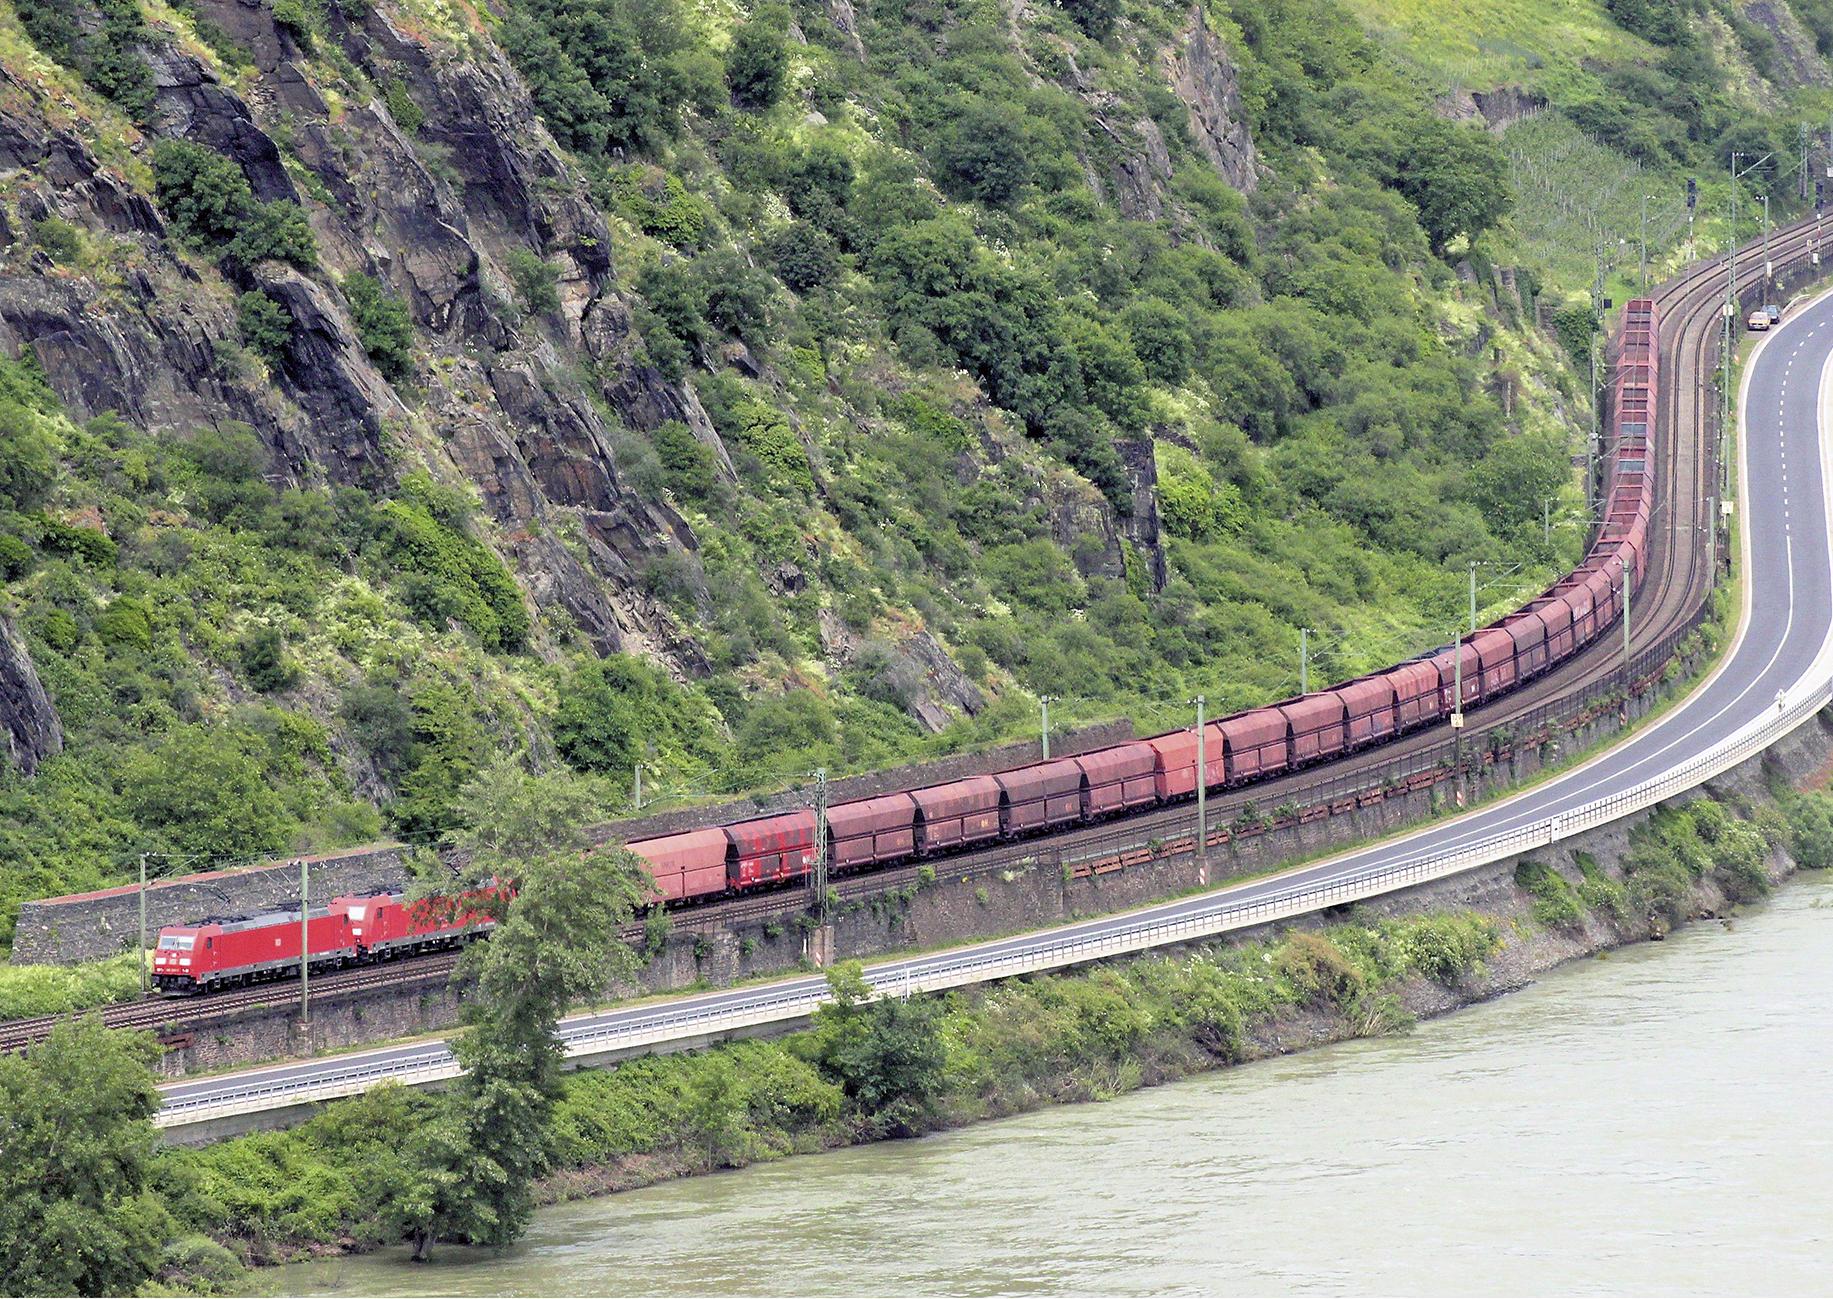 Güterzug im Mittelrheintal mit zwei E-Loks Baureihe 185 (Erzzug Rotterdam - Linz) bei Oberwesel (linke Rheinstrecke)